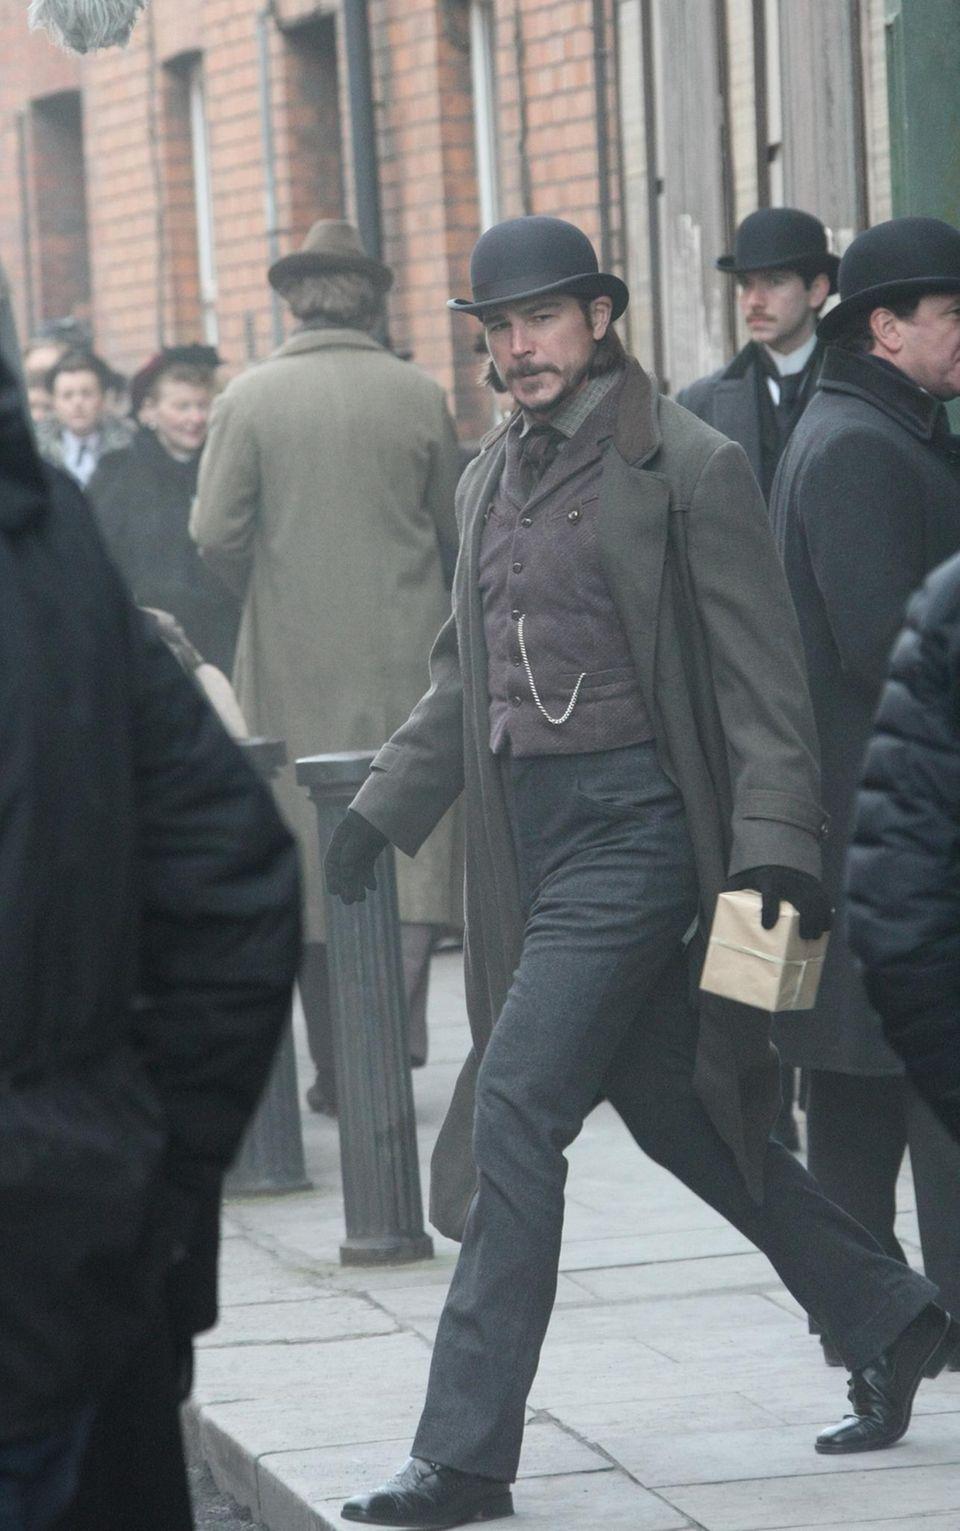 """2. Februar 2015: Für die Horrorserie """"Penny Dreatful"""", die im 19. Jahrhundert spielt, werden neue Szenen in Irland gedreht. Josh Hartnett spielt eine der Hauptrollen."""